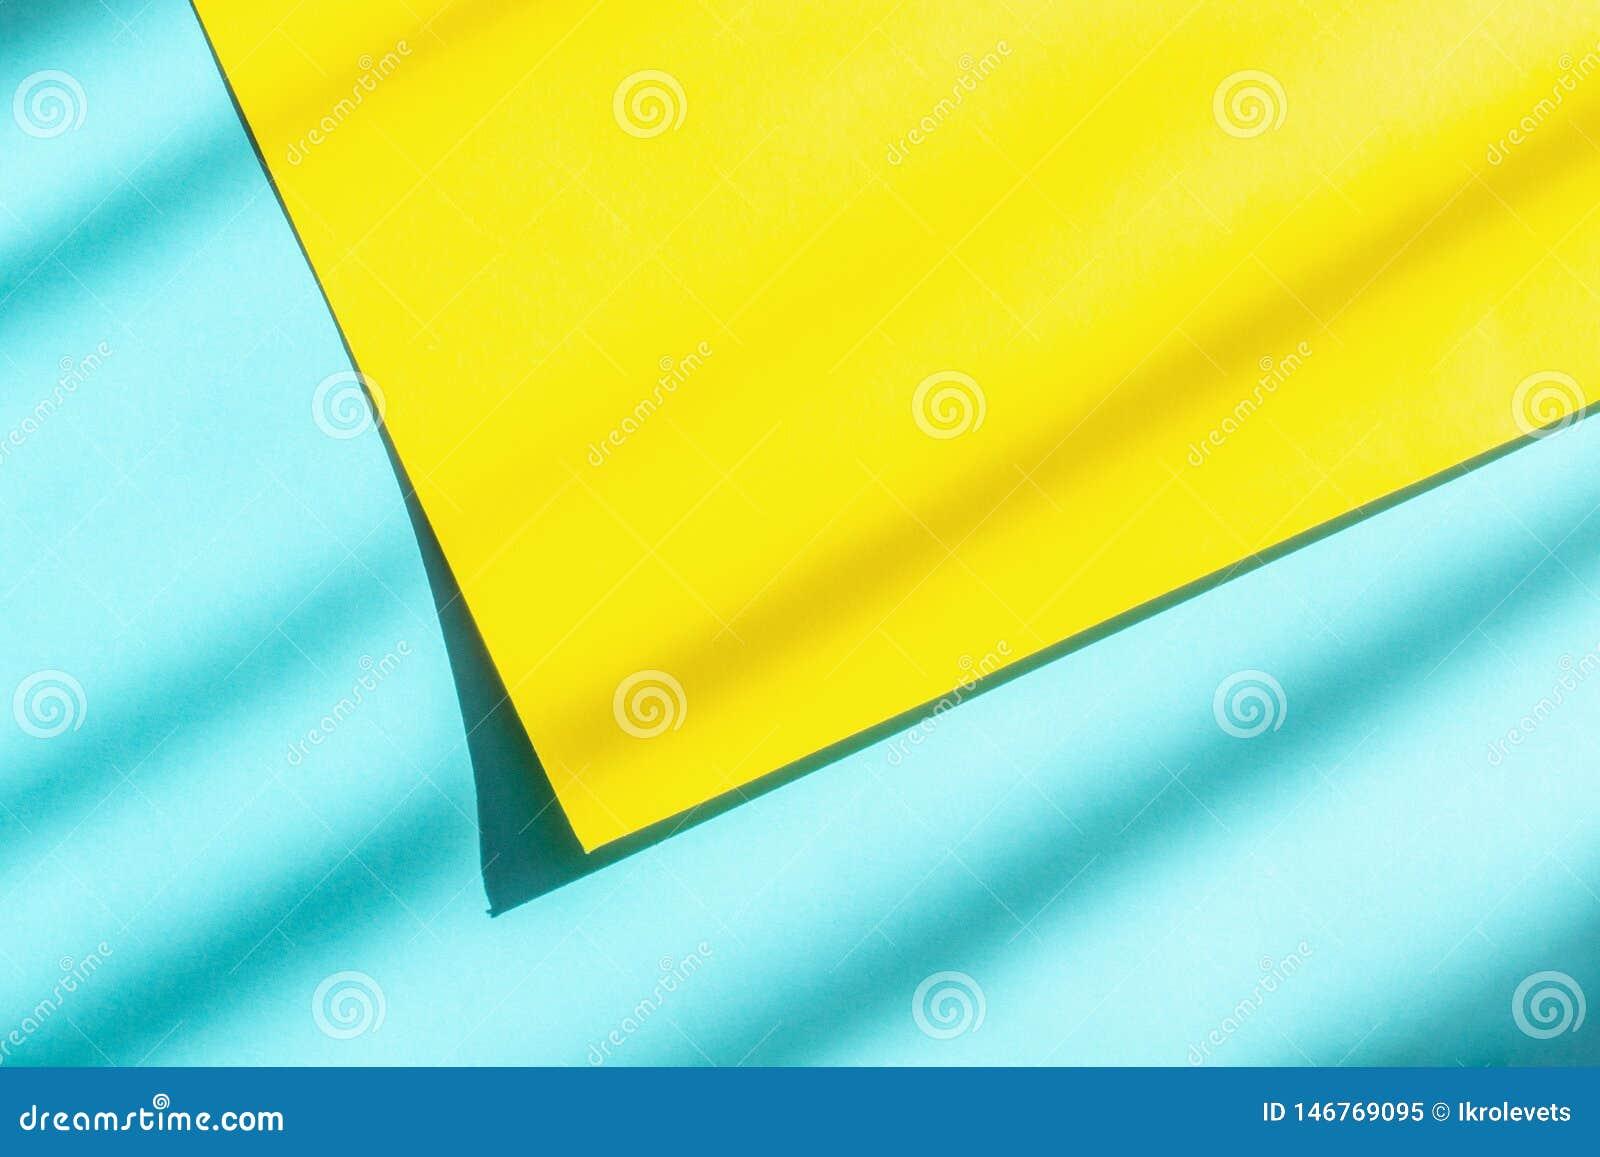 Fondo de papel azul y amarillo abstracto con la luz dura y sombra para su diseño